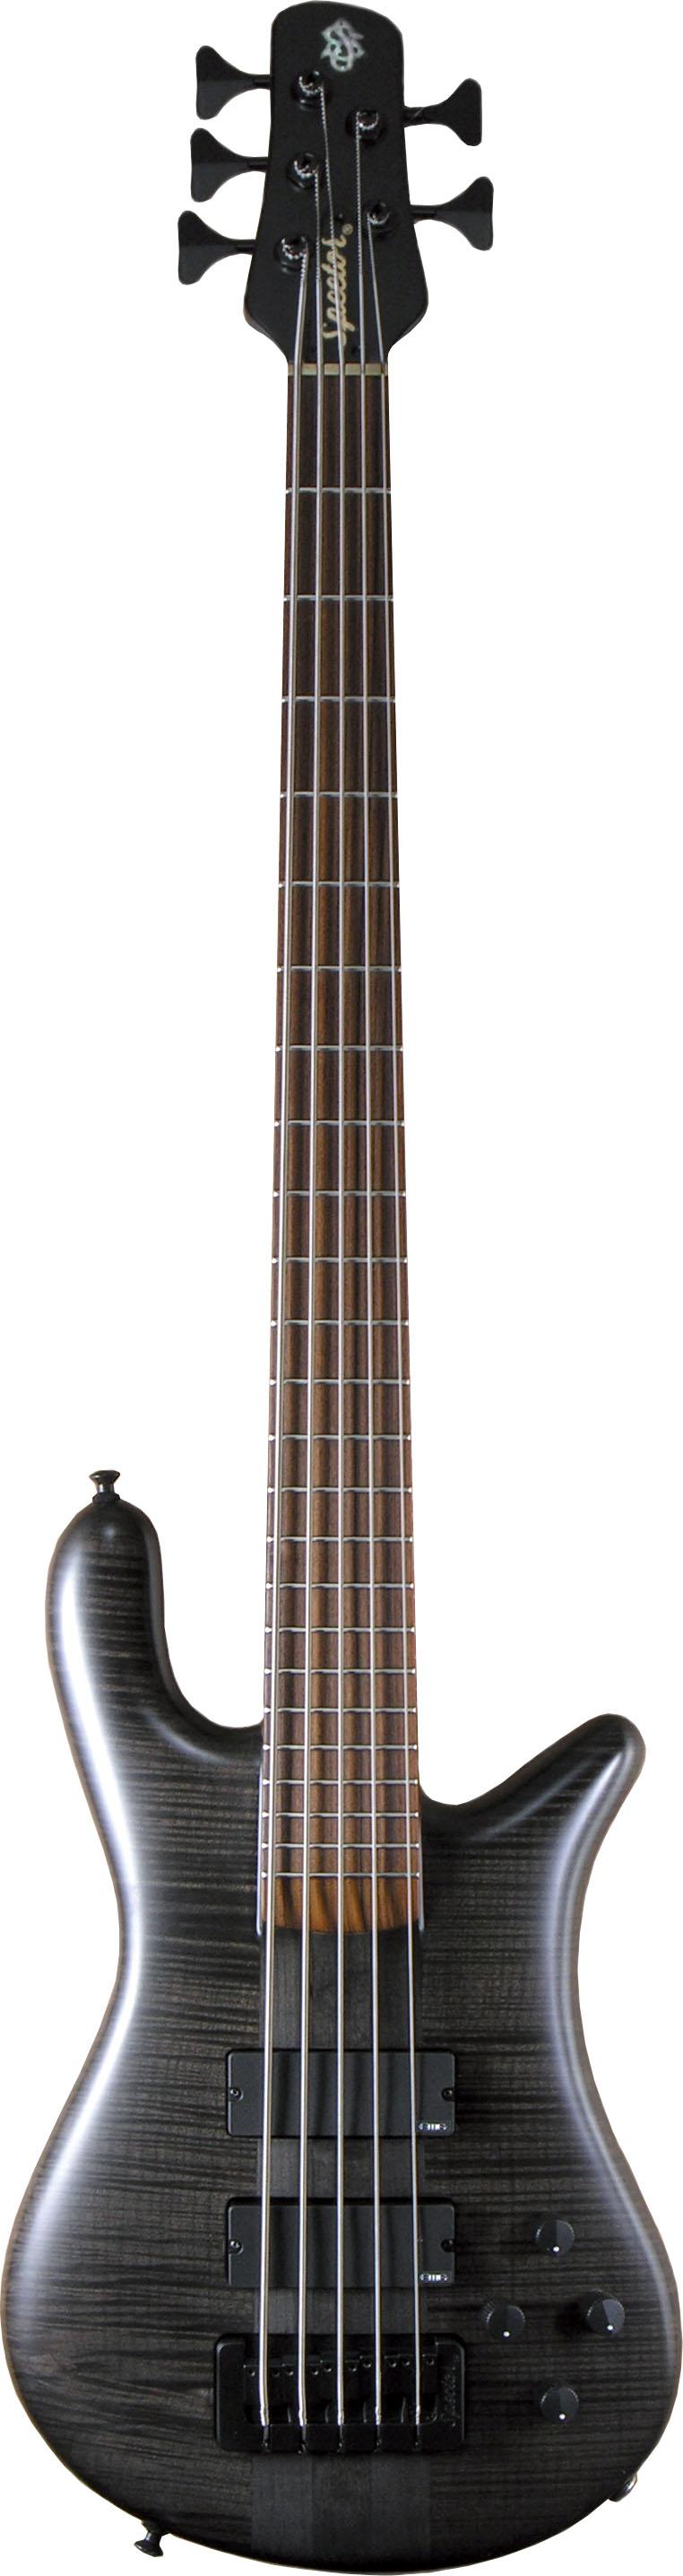 Basses Article Panpot Guitar Rewiring Spector Legend 4 Classic